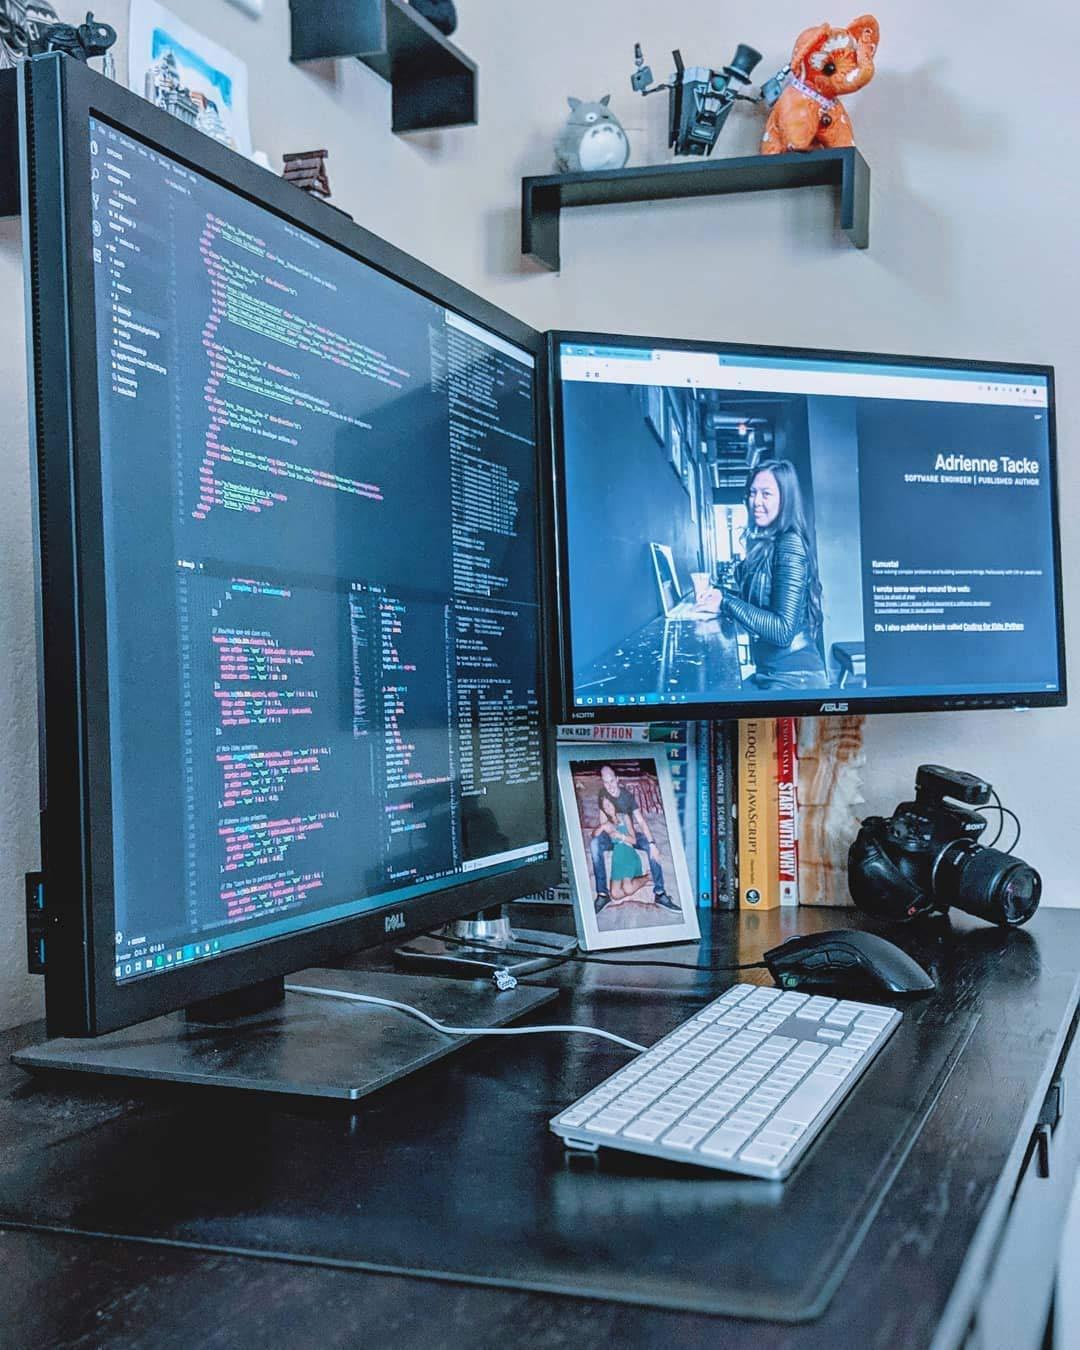 Desk Writing Pad Desktop Mat Protector Multifunctional Desk Protector Cover for Home Office Desks Desk Mouse Mat Black Delancey USA Office Desk Mat 36 x 20 Leather Desk Blotter Pad